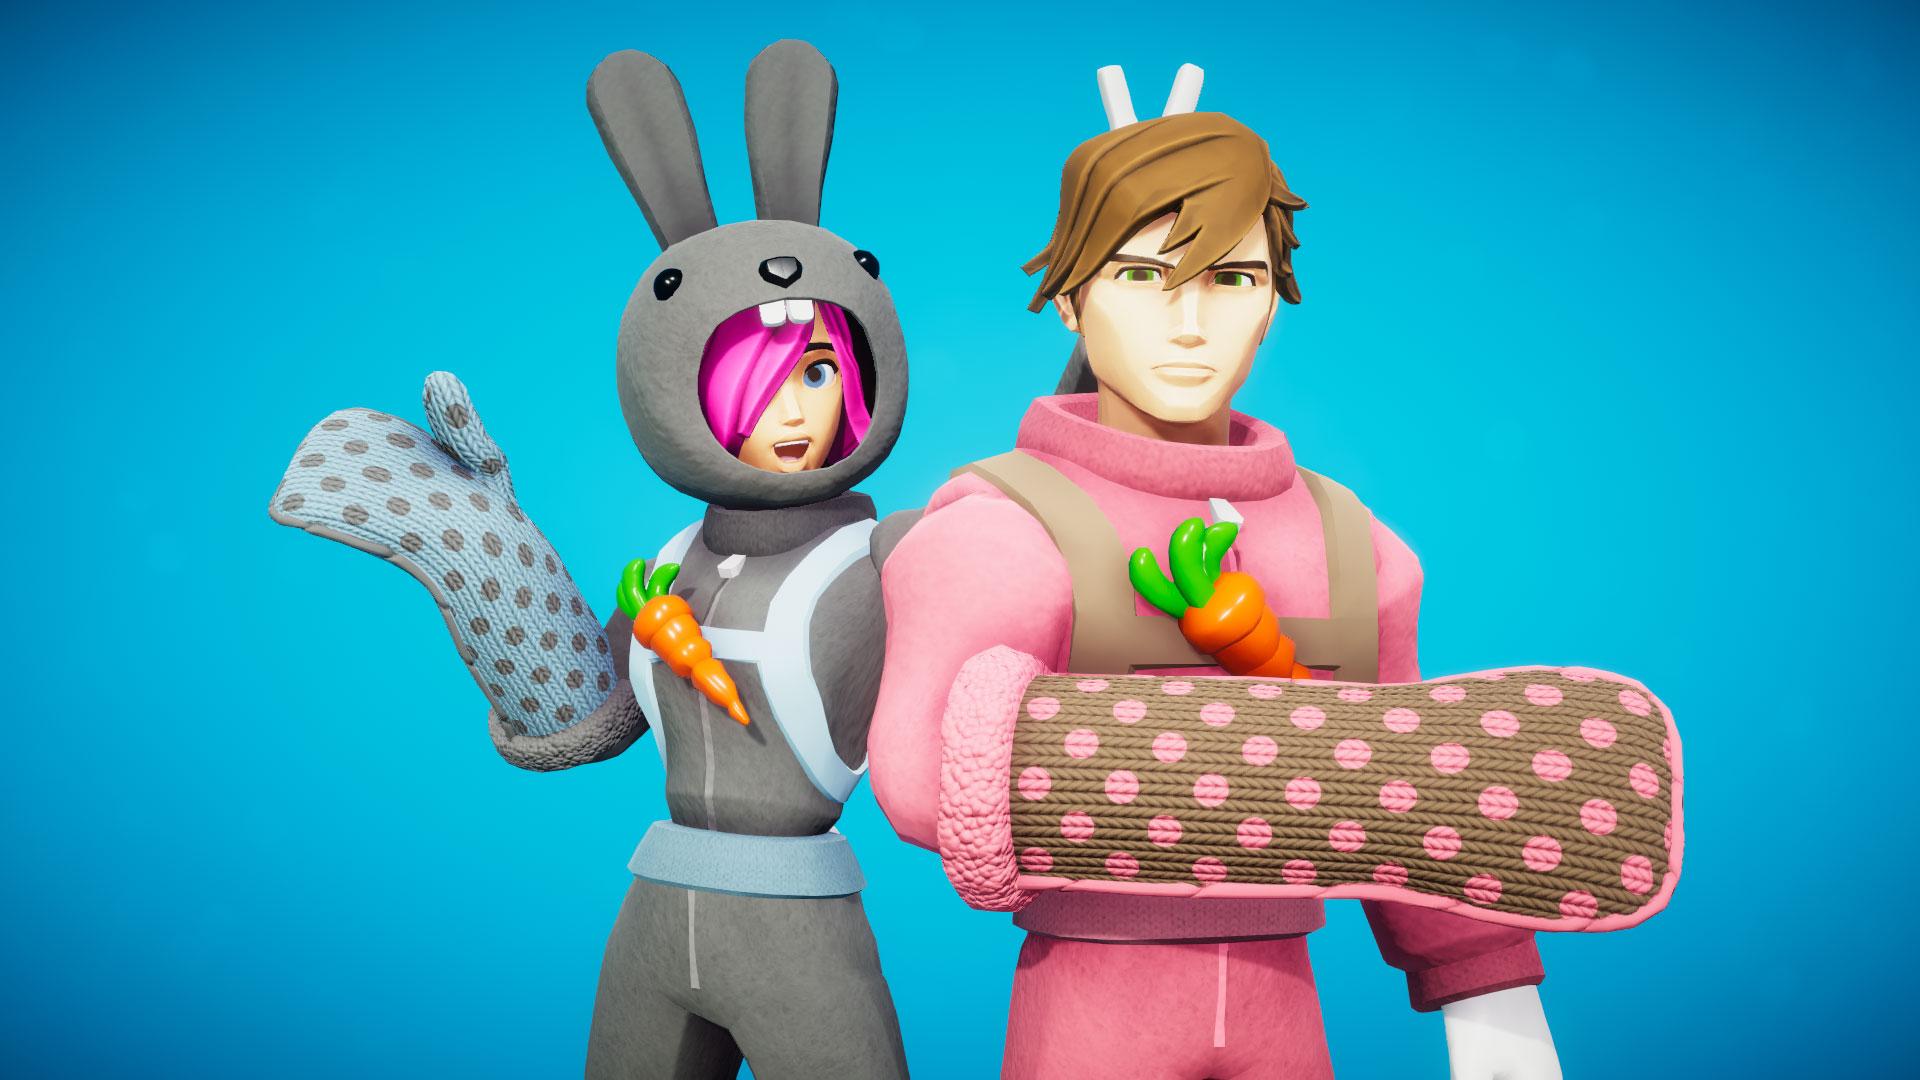 06_PUGA_Creativerse_Playful_bunny